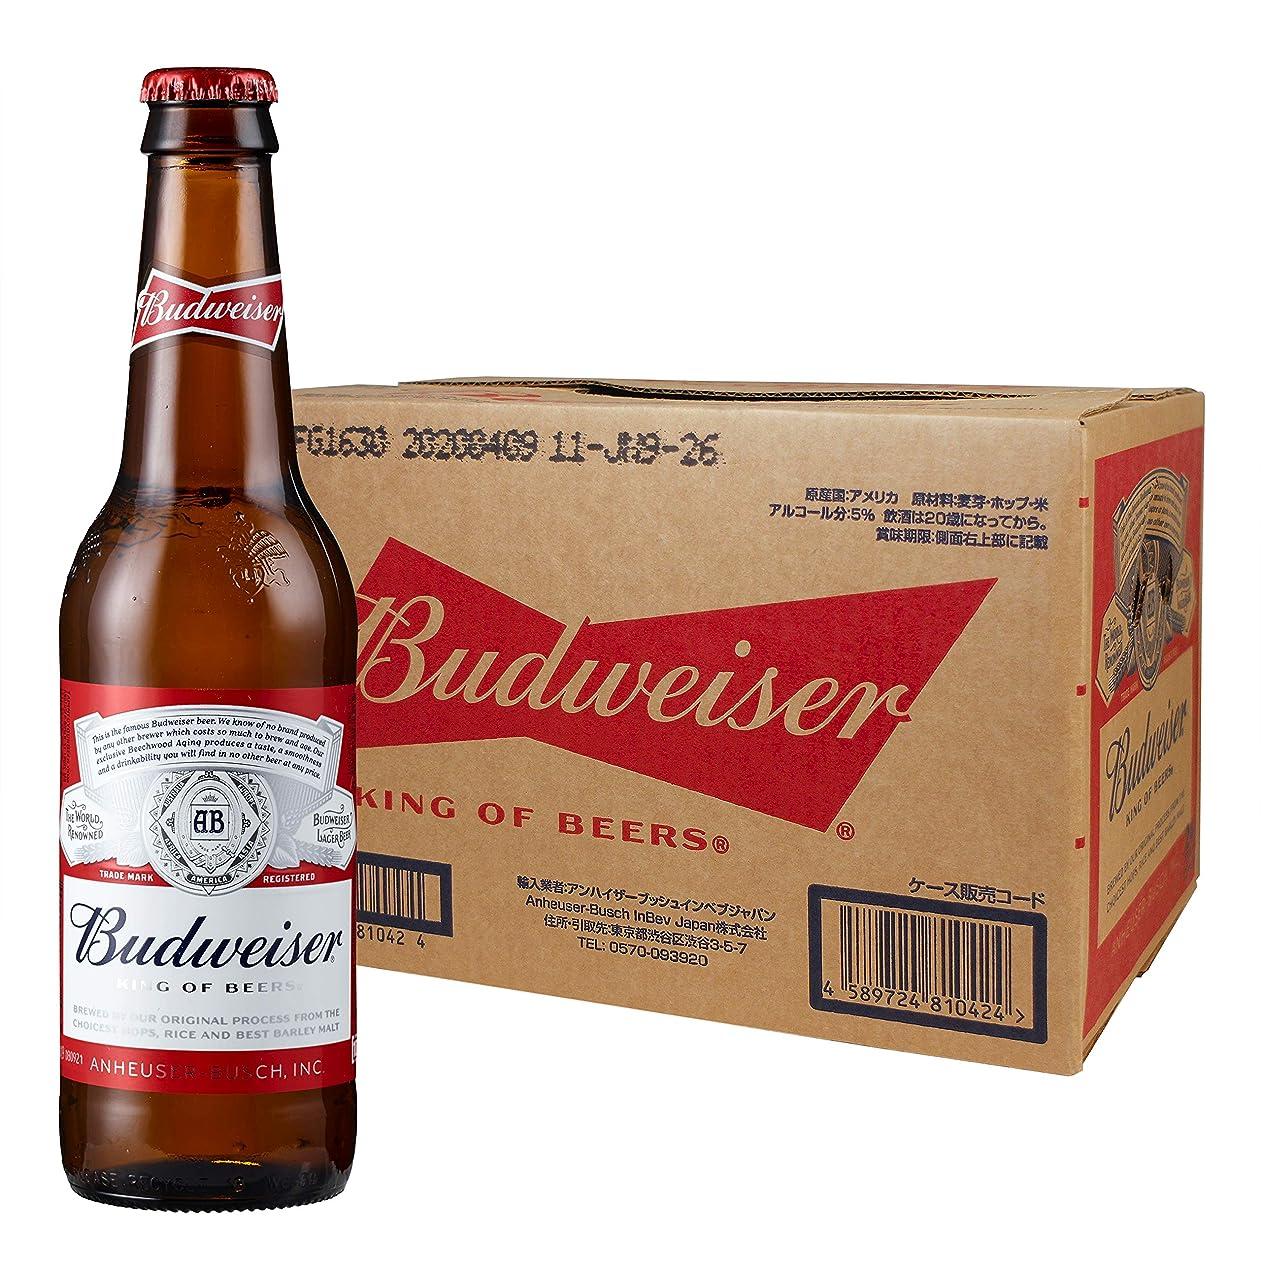 スタジオ倍増かび臭いバドワイザー ビール 355ml瓶 [ ラガータイプ アメリカ 355ml×24本 ]